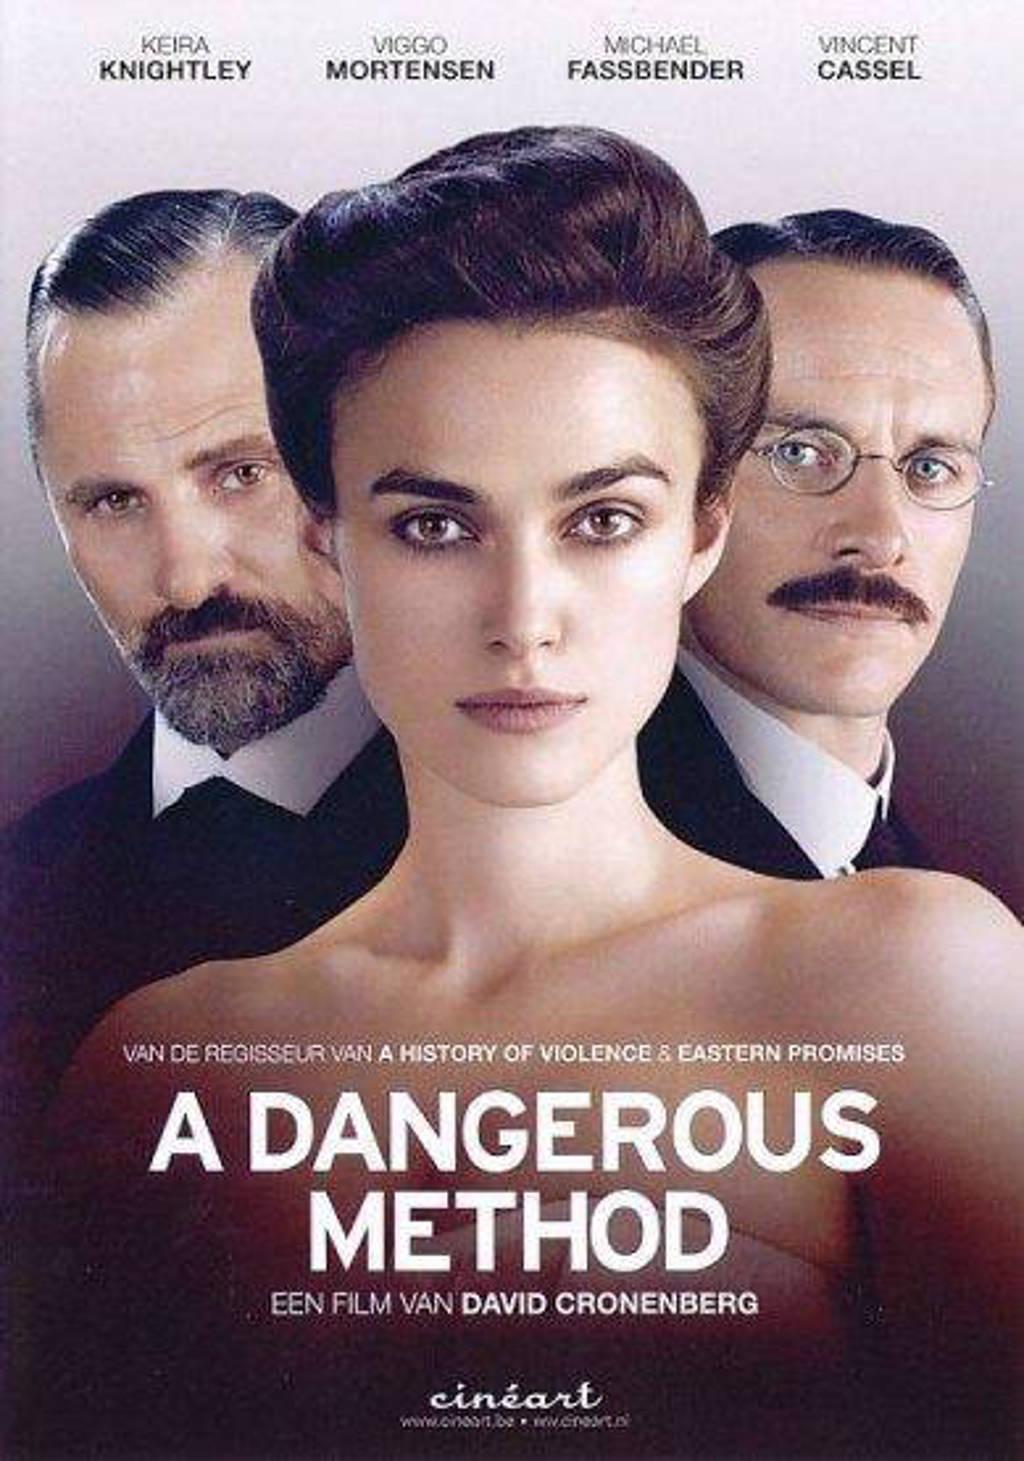 Dangerous method (DVD)